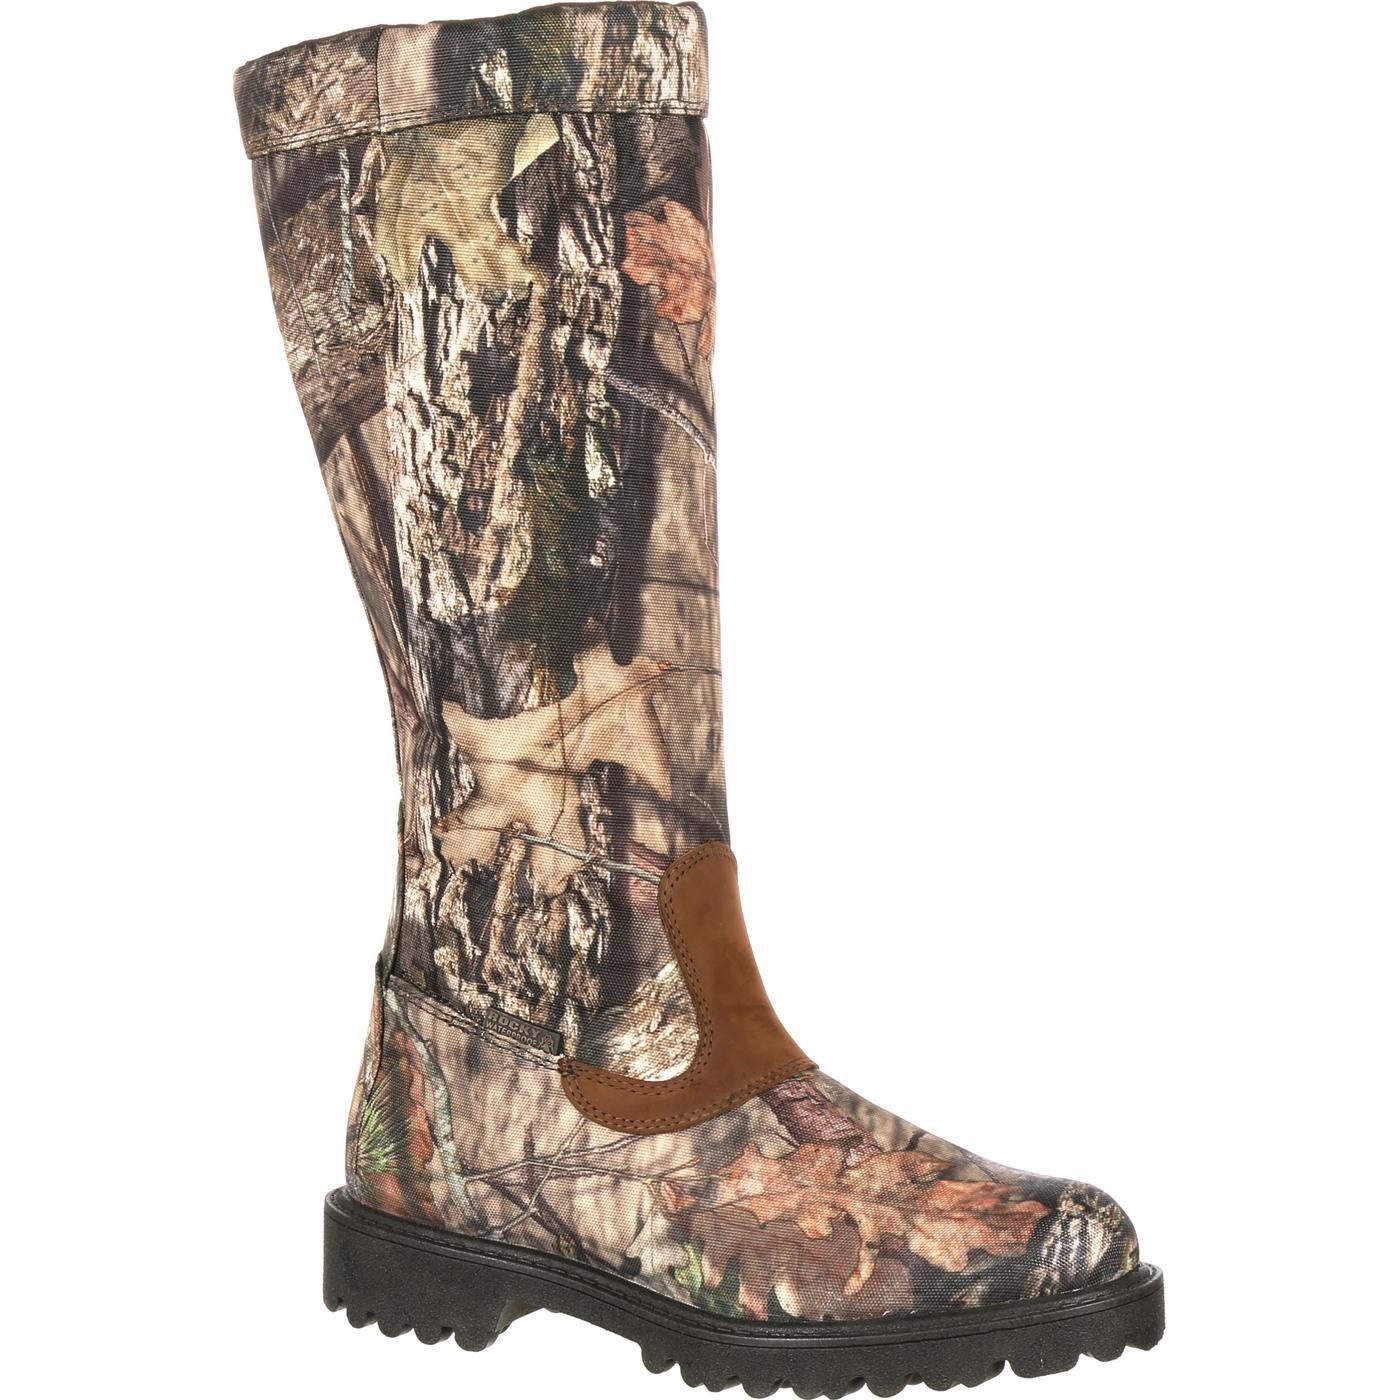 ROCKY Men's Low Country Waterproof Snake Boot Knee High, Mossy Oak Break Camoflauge, 13 W US by ROCKY